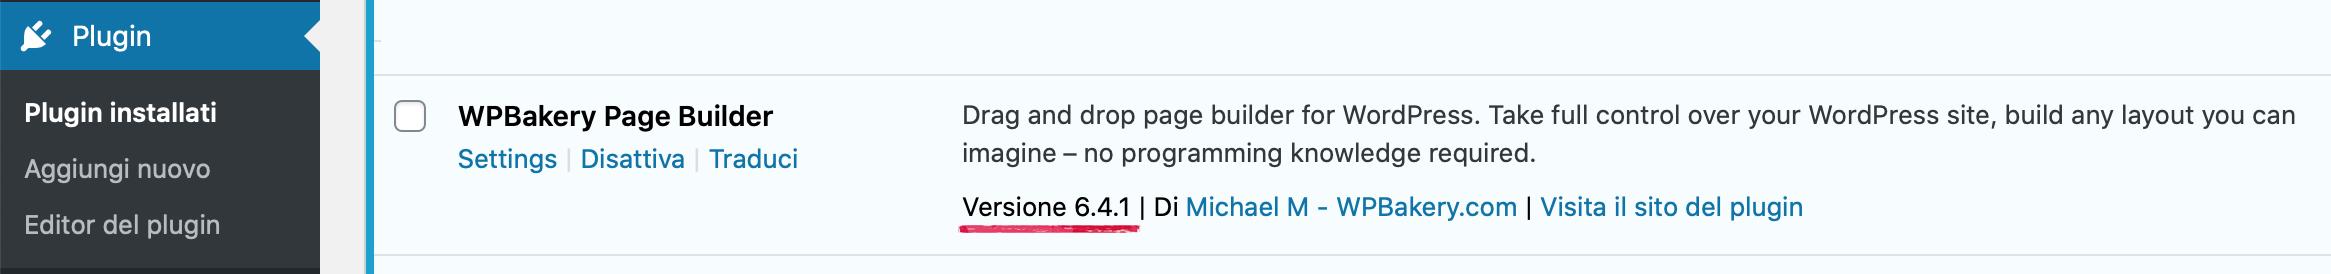 6.4.1 - Versione WP Bakery aggiornata